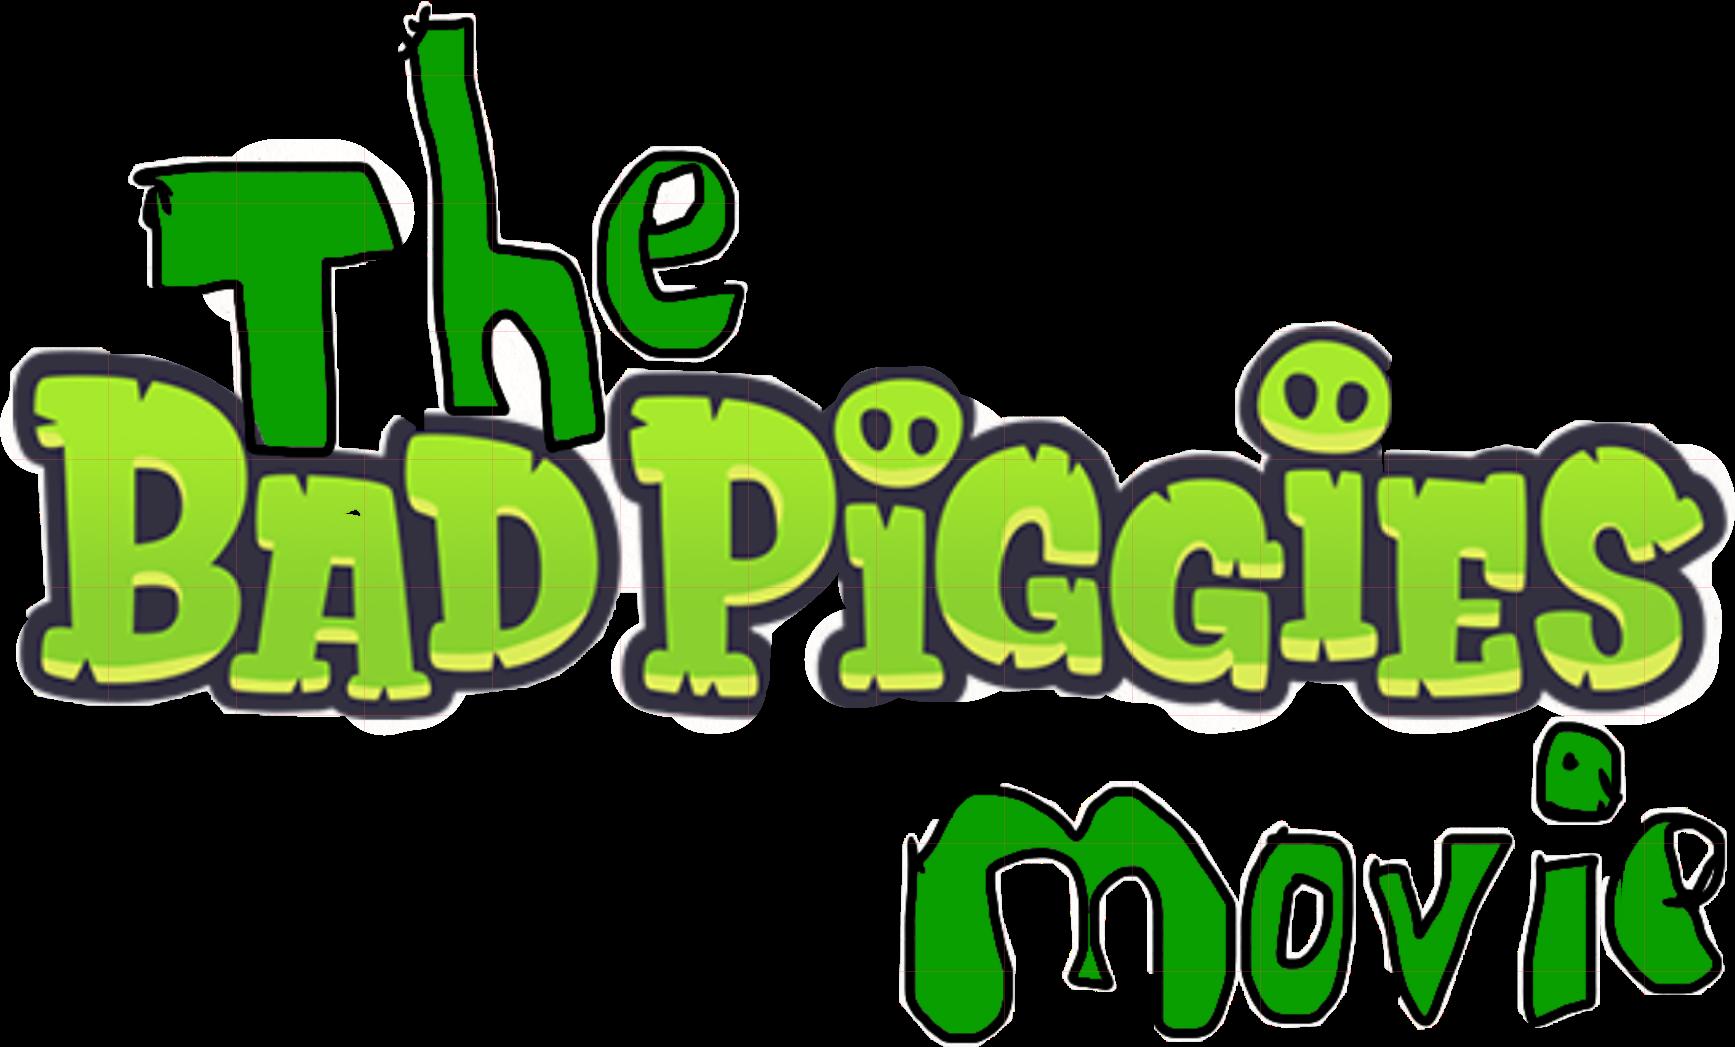 The Bad Piggies Movie (LachStarYT version)